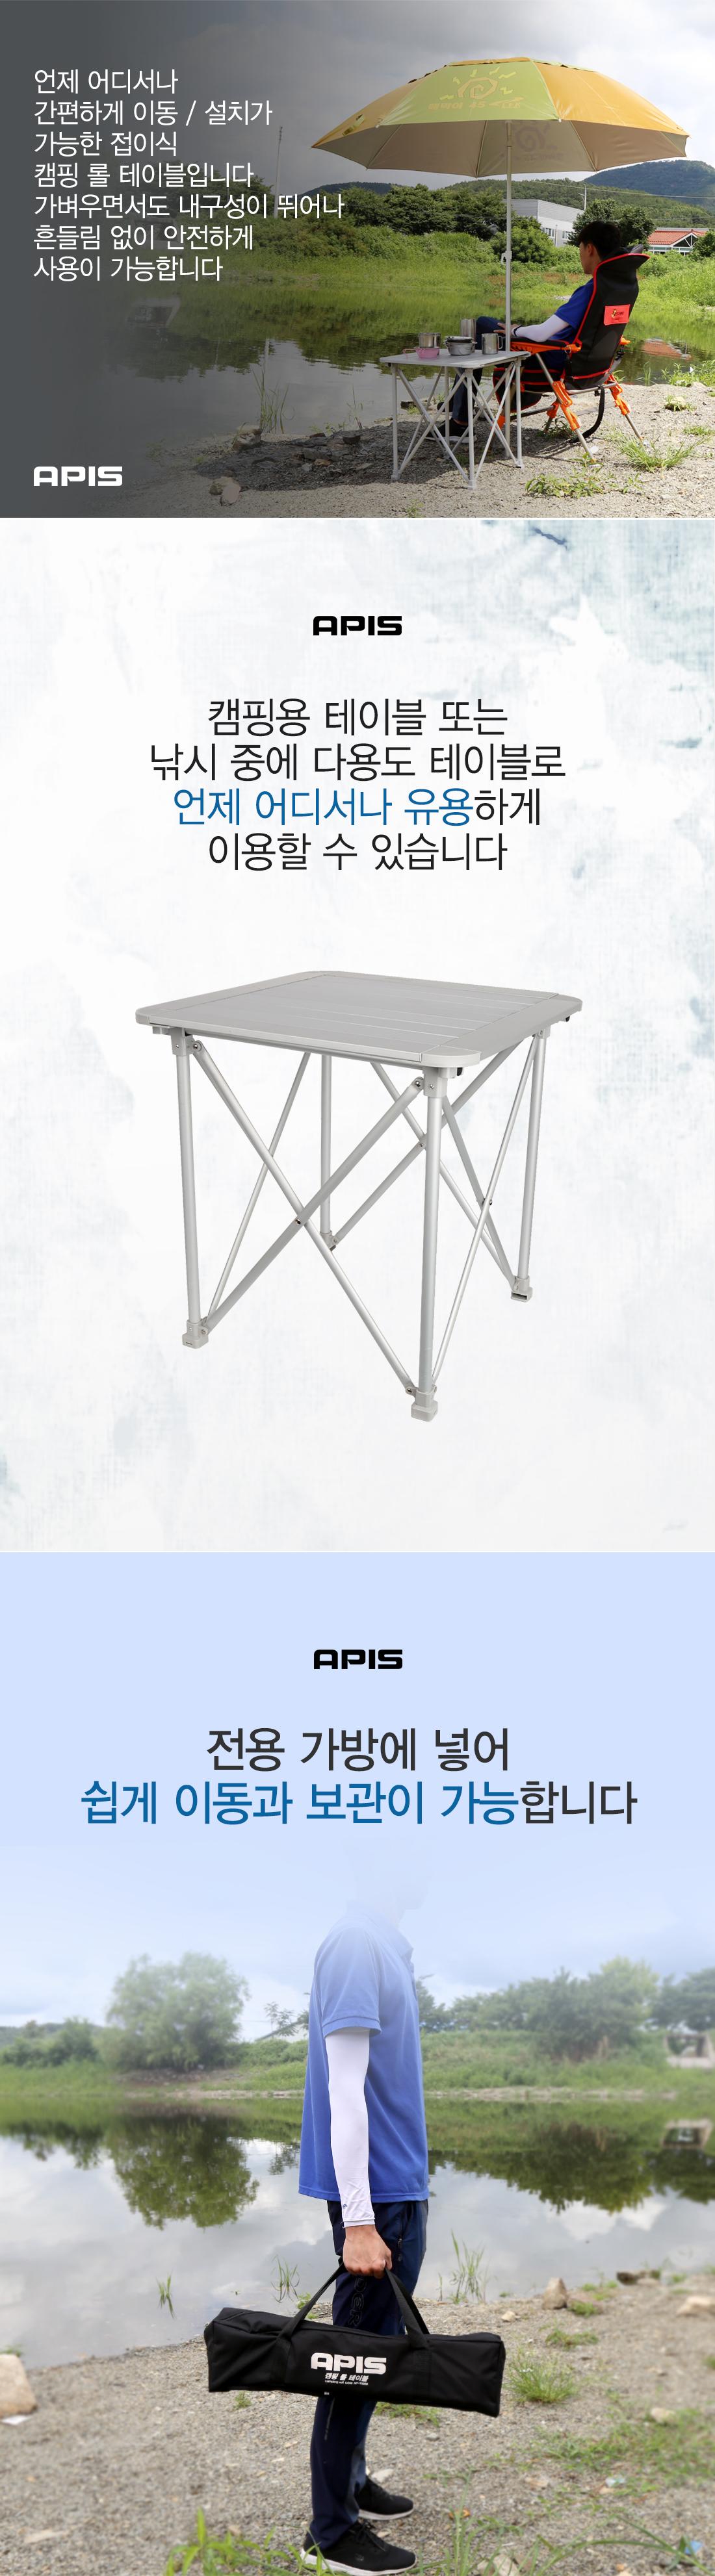 아피스 캠핑 롤 테이블 AP-T5050 탁자 밥상 테이블 캠핑테이블 낚시테이블 캠핑도구